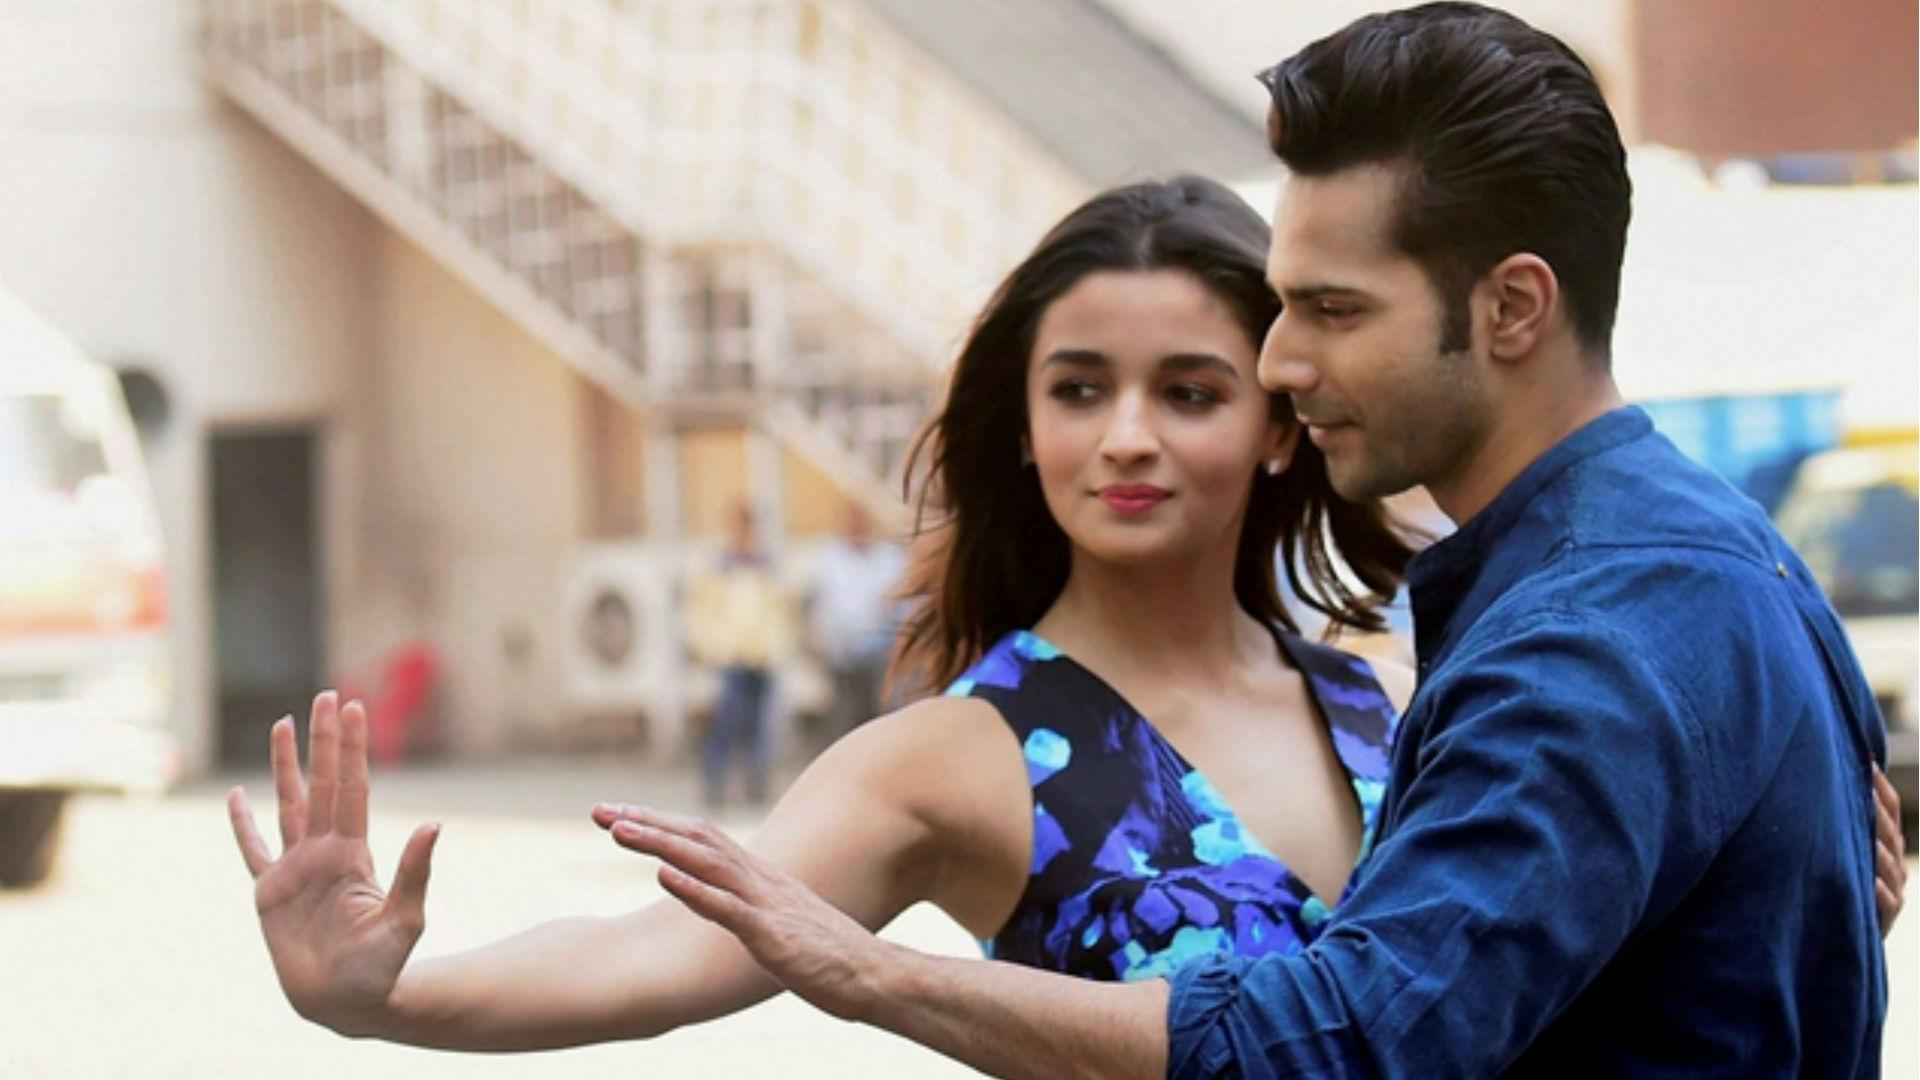 वेलेंटाइन डे 2019: हिंदी फिल्मों ने शुरू किया प्यार के नाम पर लड़कियों का पीछा करने का ट्रेंड